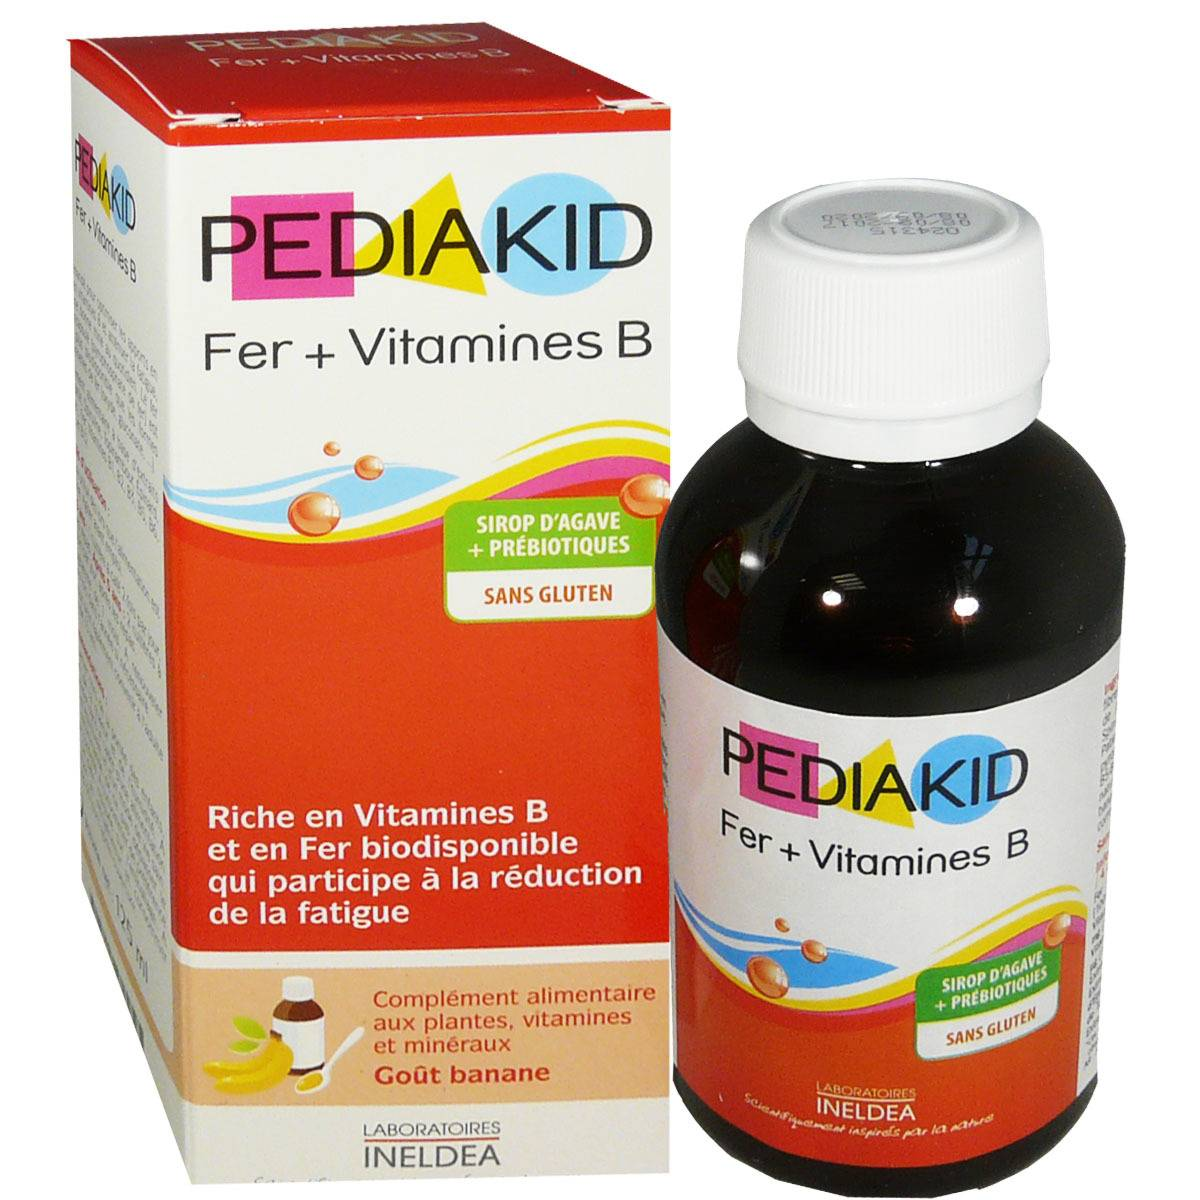 INELDEA Pediakid fer + vitamines b sans gluten 125 ml gout banane